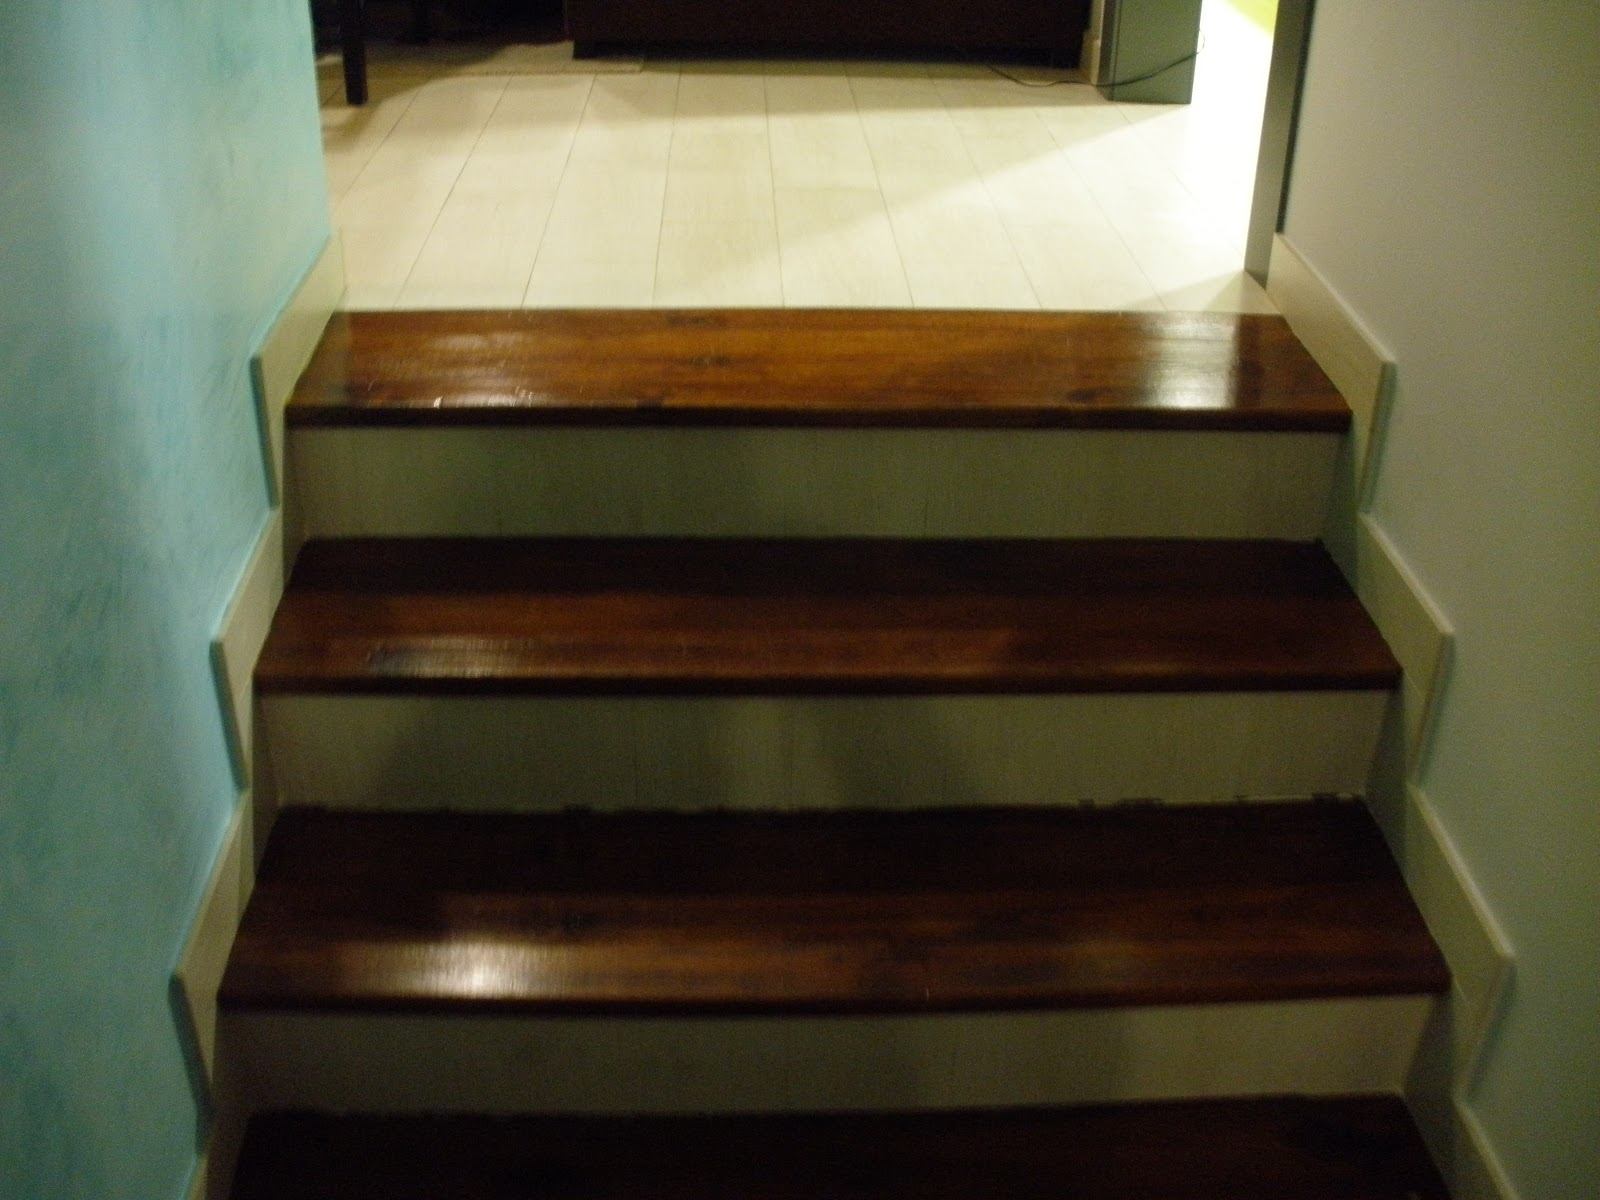 Construcciones rudi escalera de madera y suelo imitando - Escaleras de gres ...